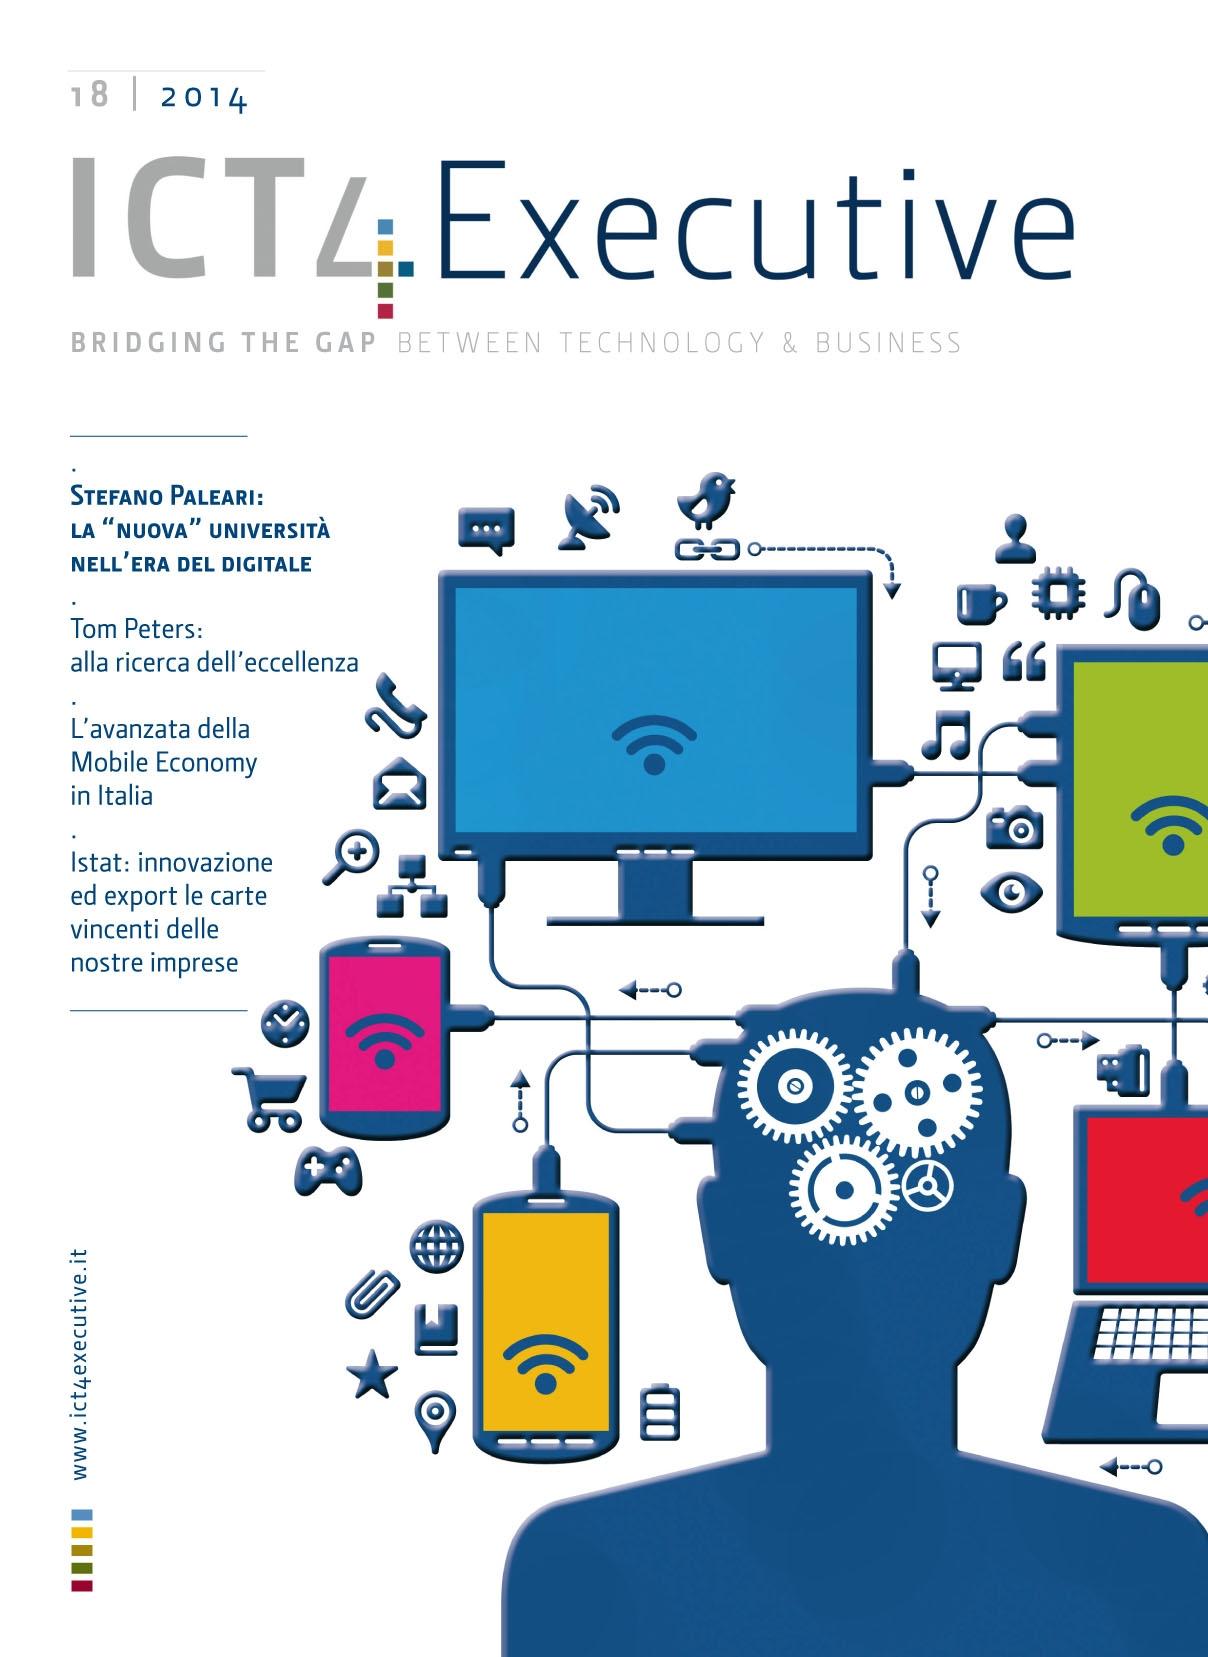 """da6c336fa1 ICT4executive n.18 - Stefano Paleari: la """"nuova"""" università nell'era del  digitale - Digital4"""